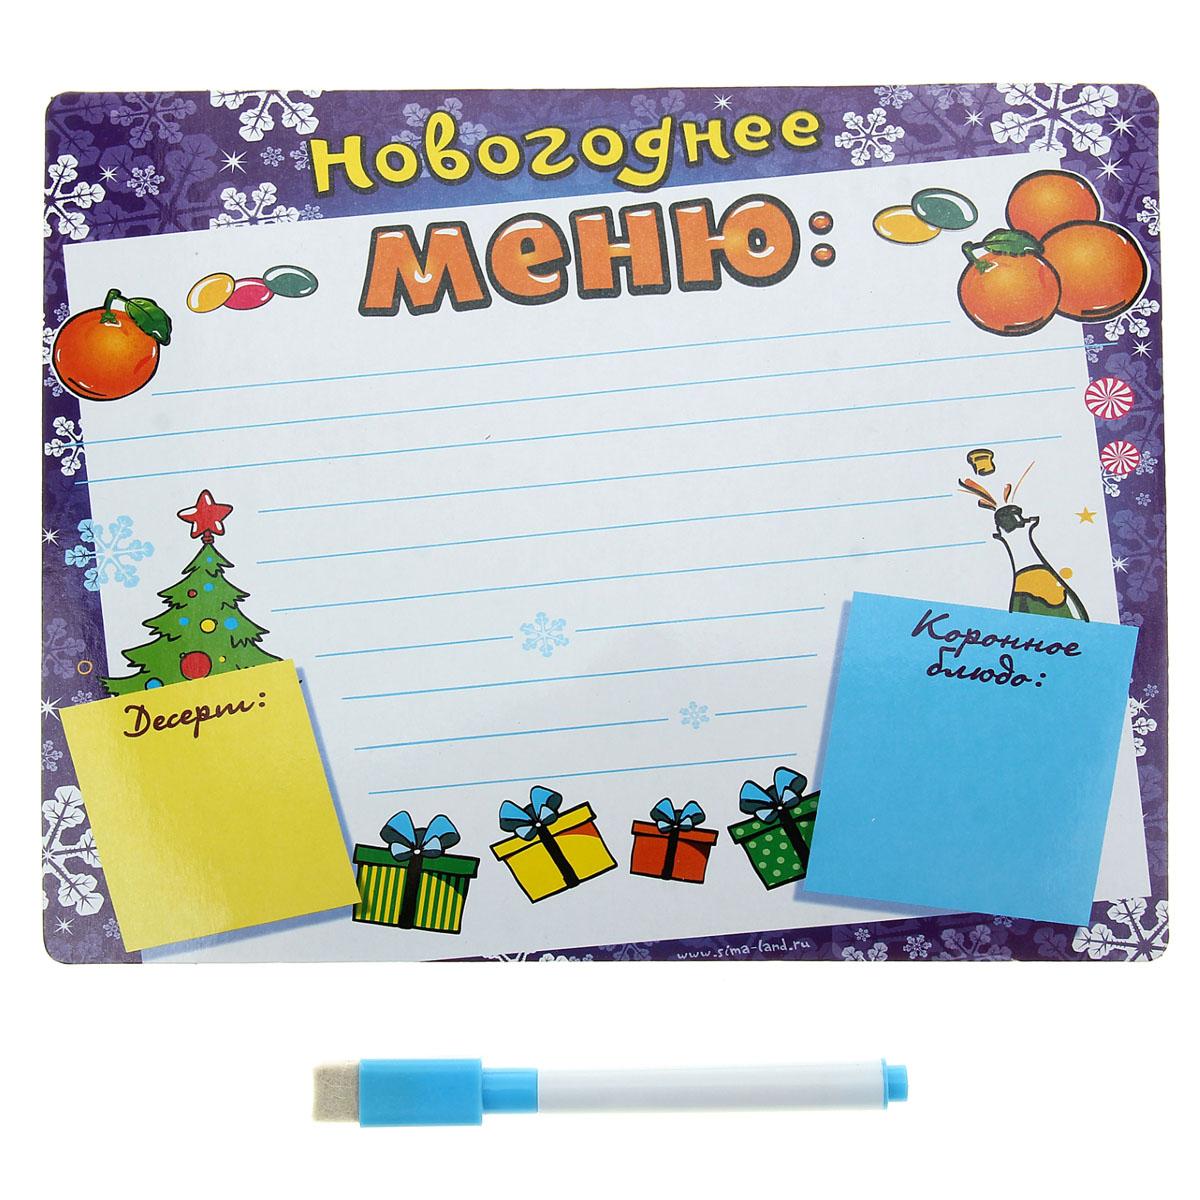 Магнитная доска для записей Новогоднее меню, с маркером, 22 см х 17 см доска на стену для записей маркером купить